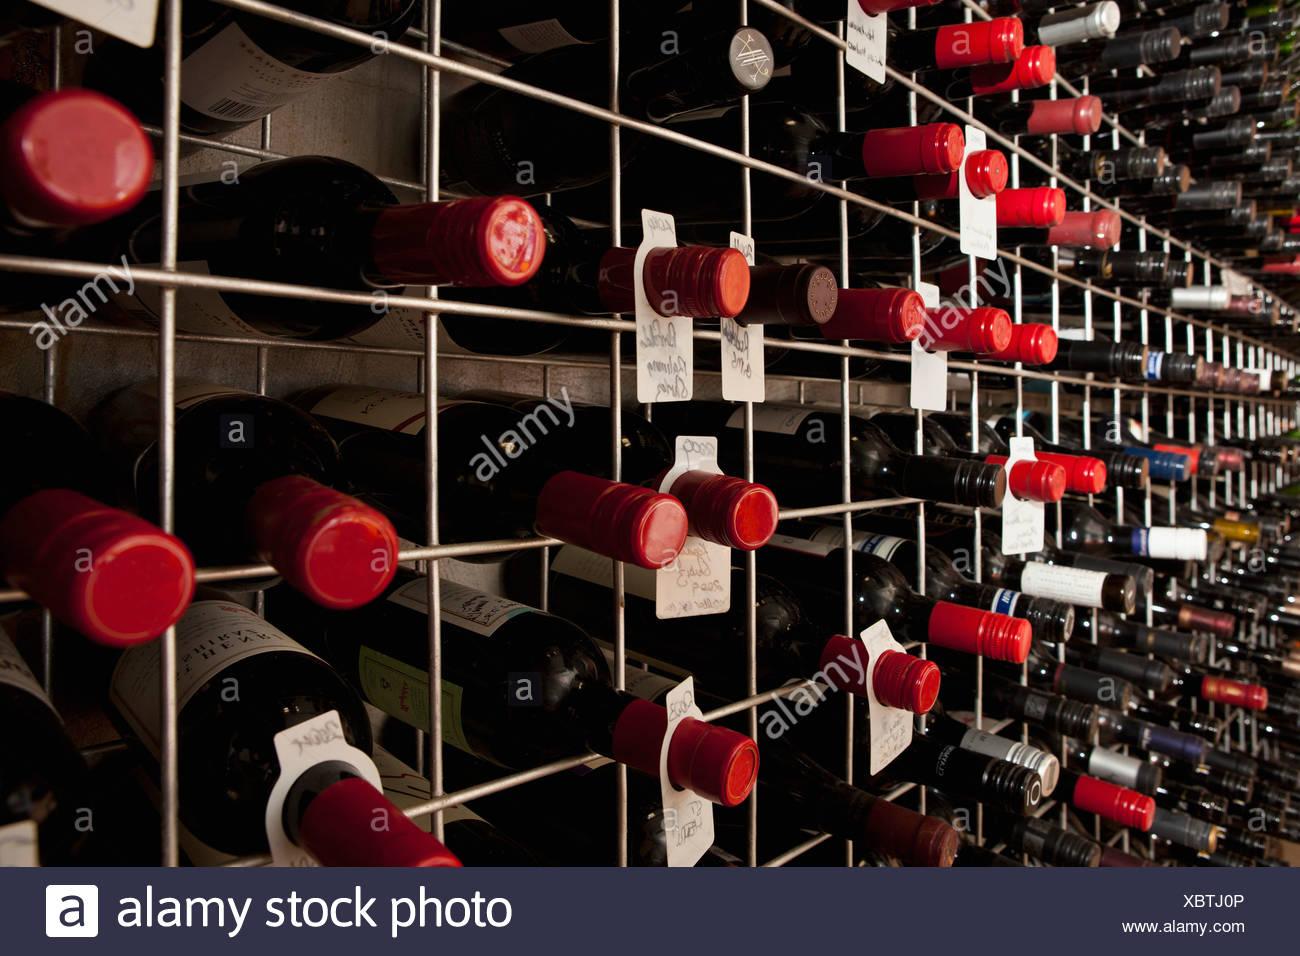 Bottles On Bar Stockfotos & Bottles On Bar Bilder - Alamy